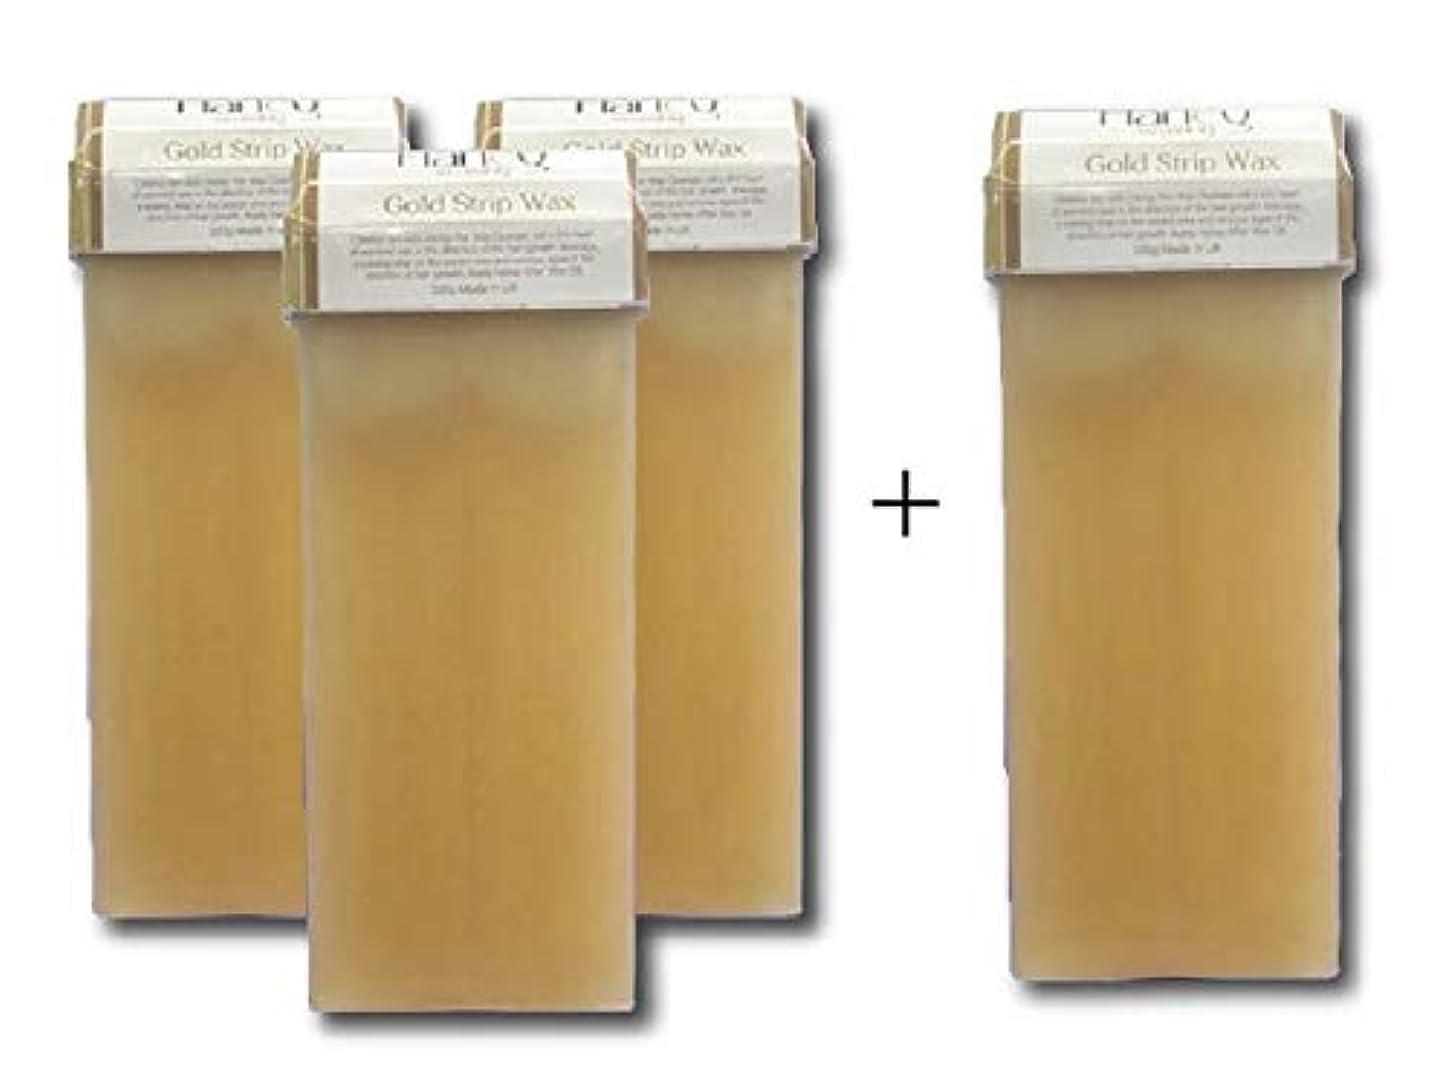 メガロポリスいたずらな解放セルフゴールドワックス(100g) 3本セット + 1本おまけ ブラジリアンワックス